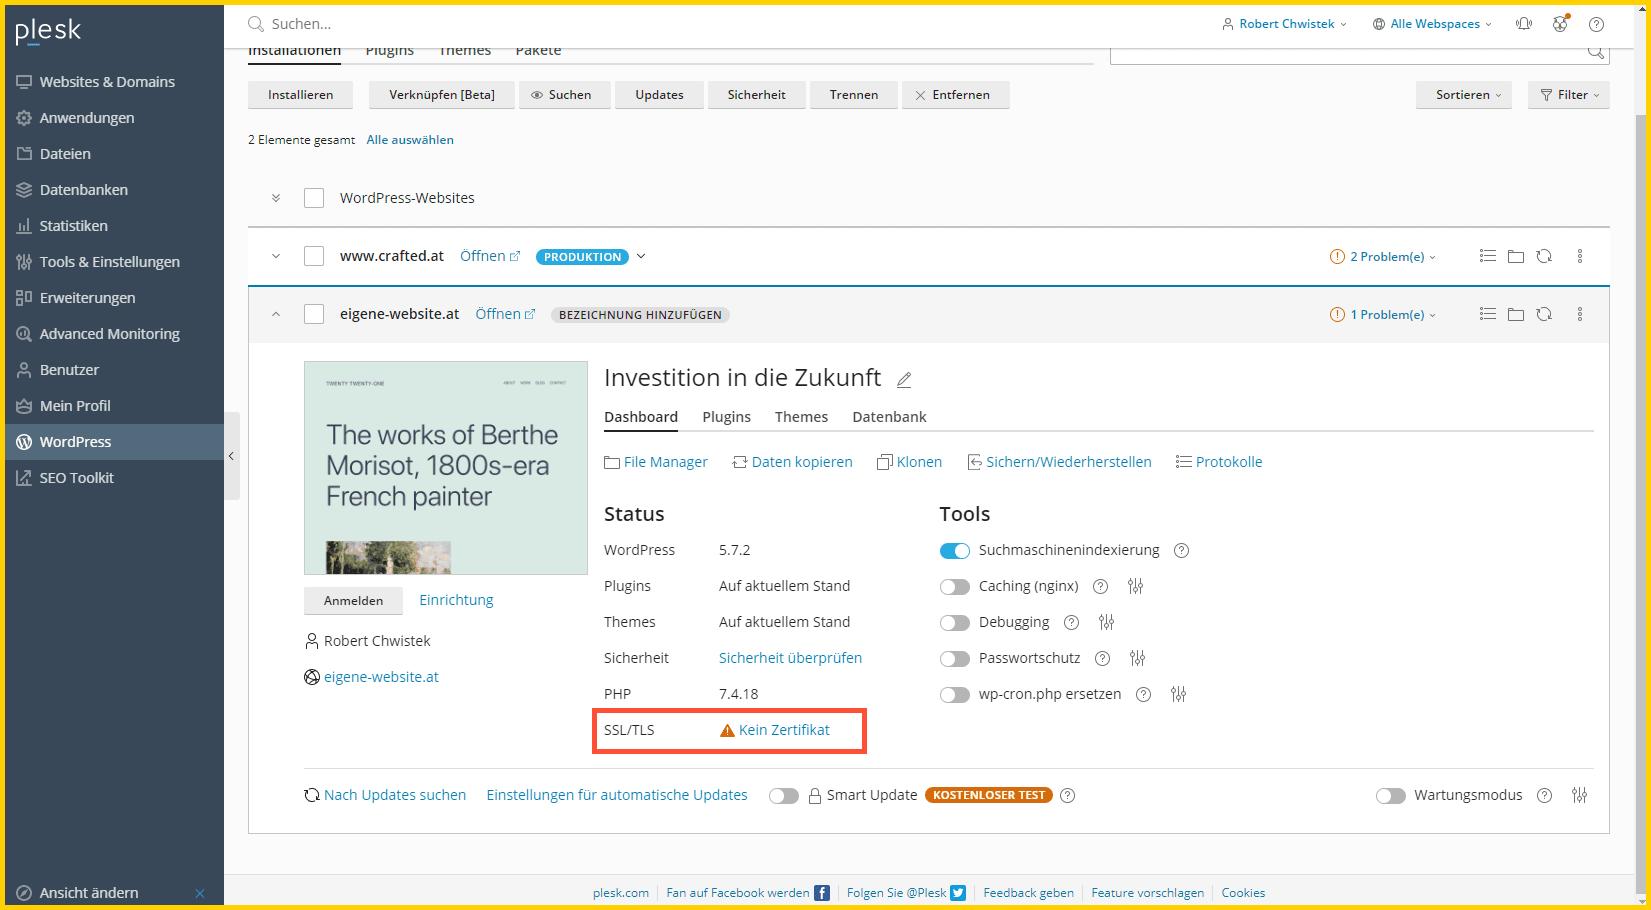 SSL Fehler bei der Installation der Domain